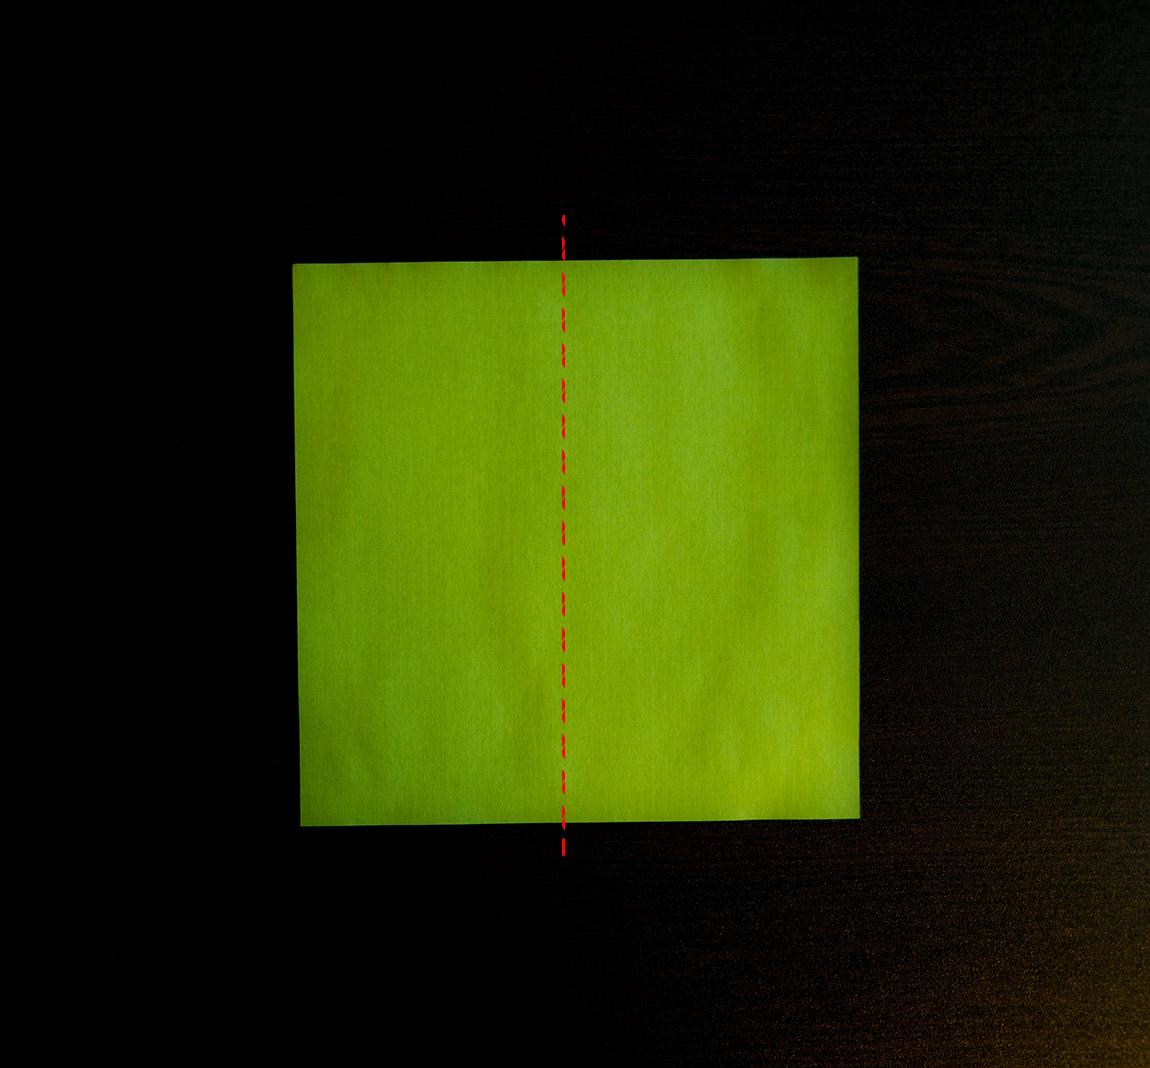 Plie la feuille en deux dans le sens de la hauteur, côté vert. Déplie